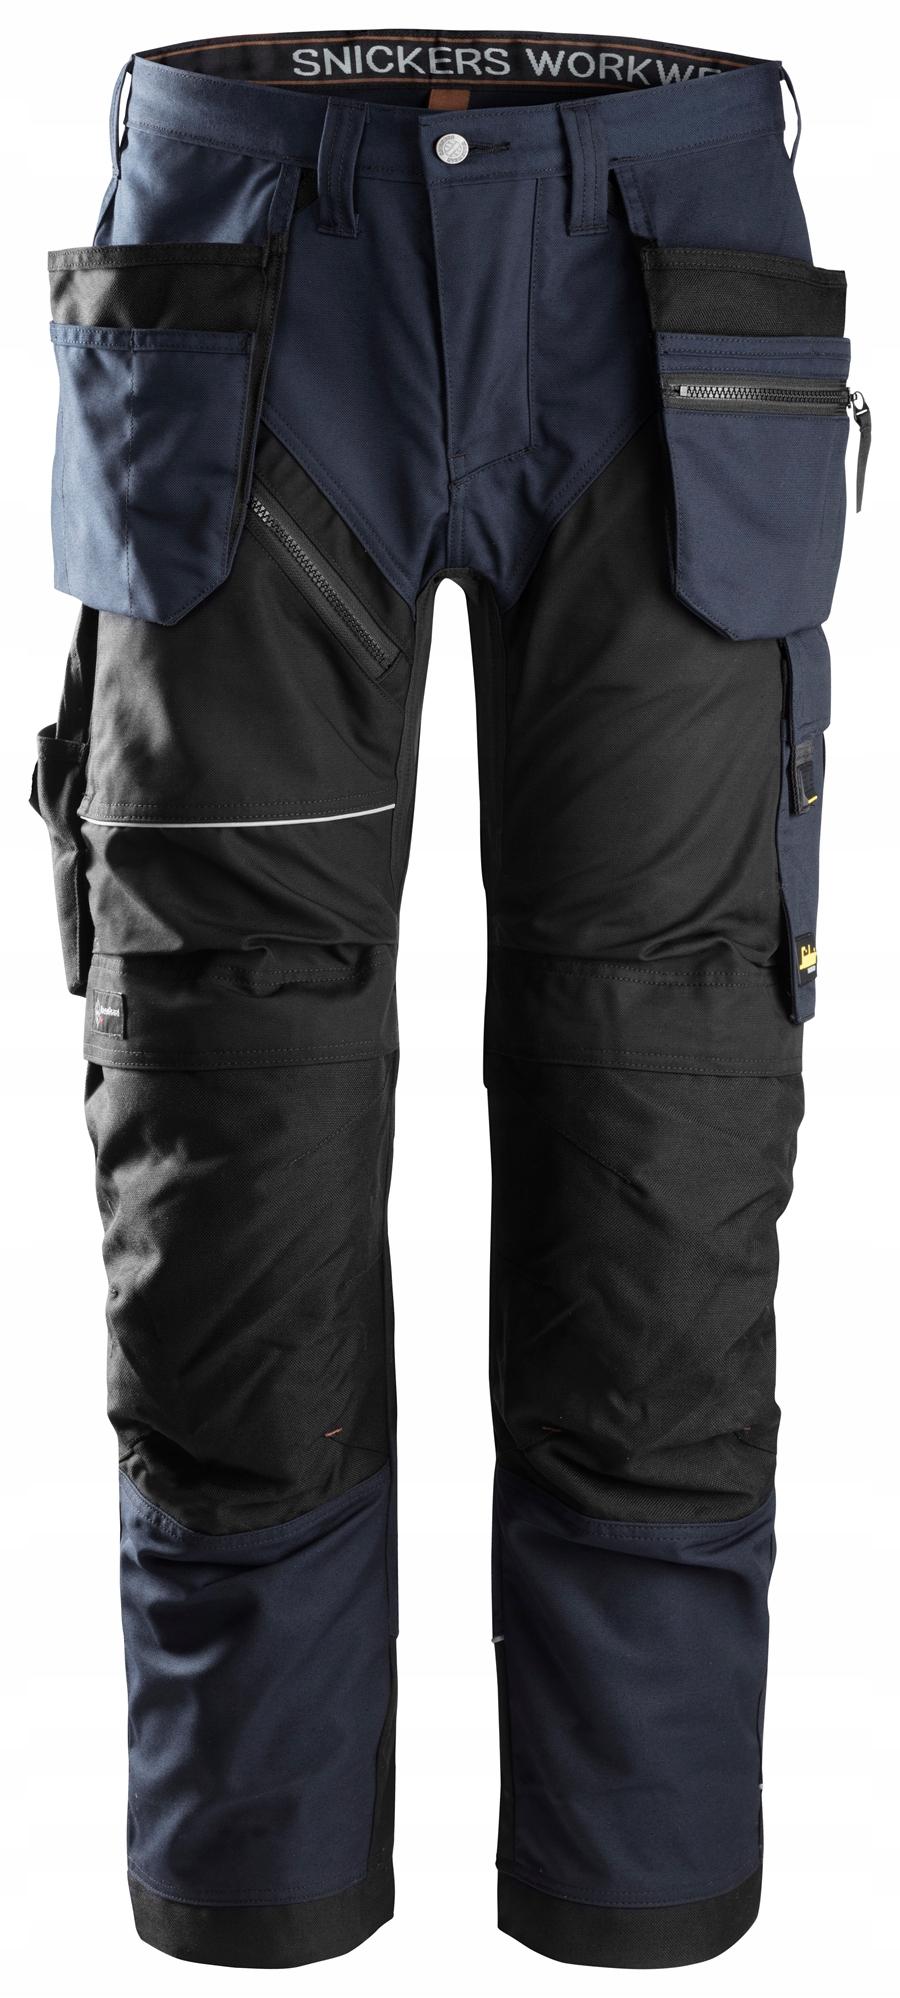 Spodnie robocze Snickers 6202 Ruffwork r.54